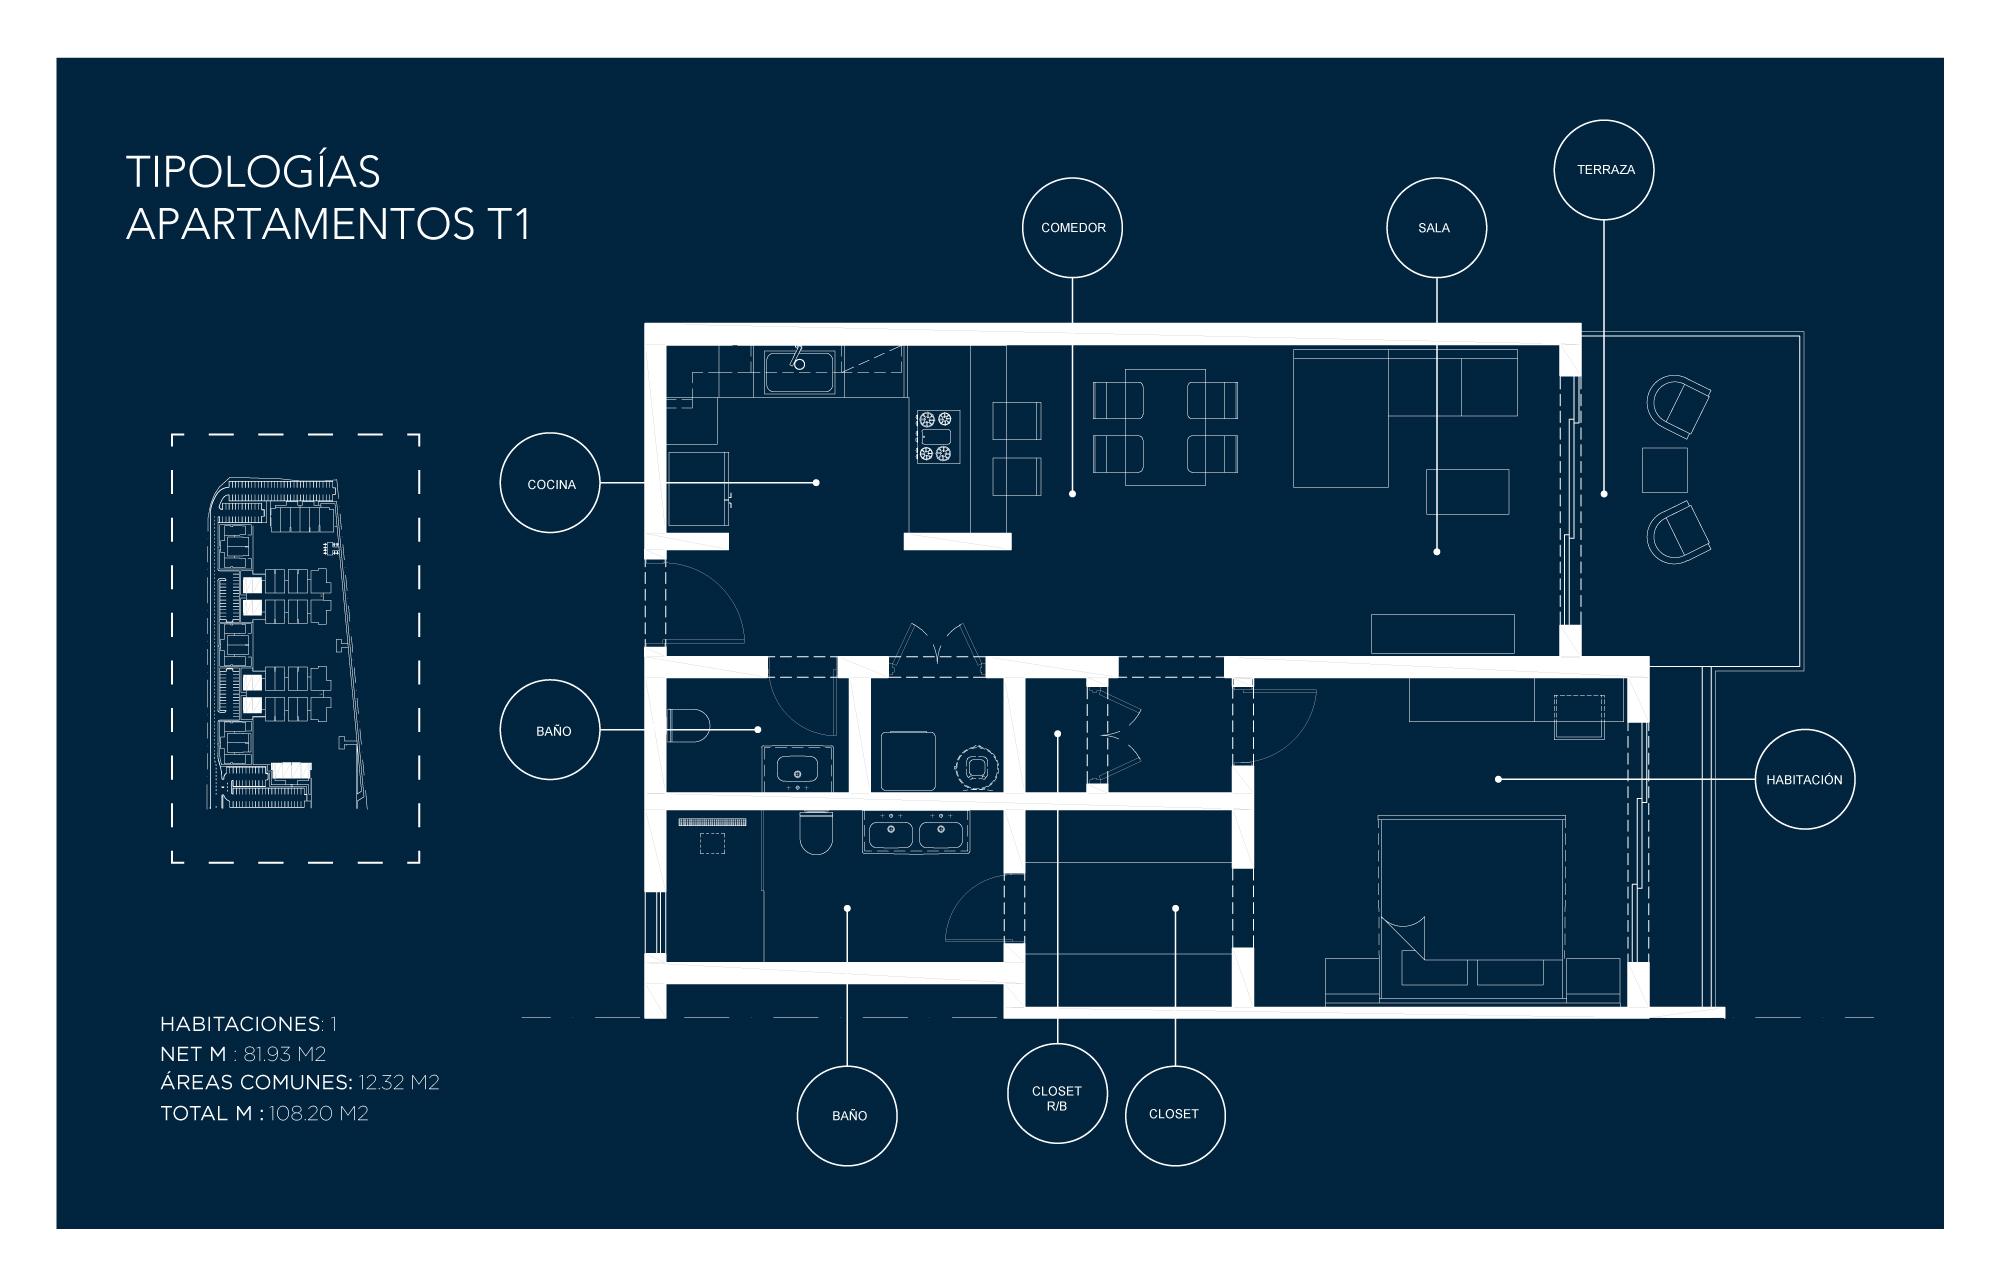 Tipología Apartamento T1 – 1 habitación